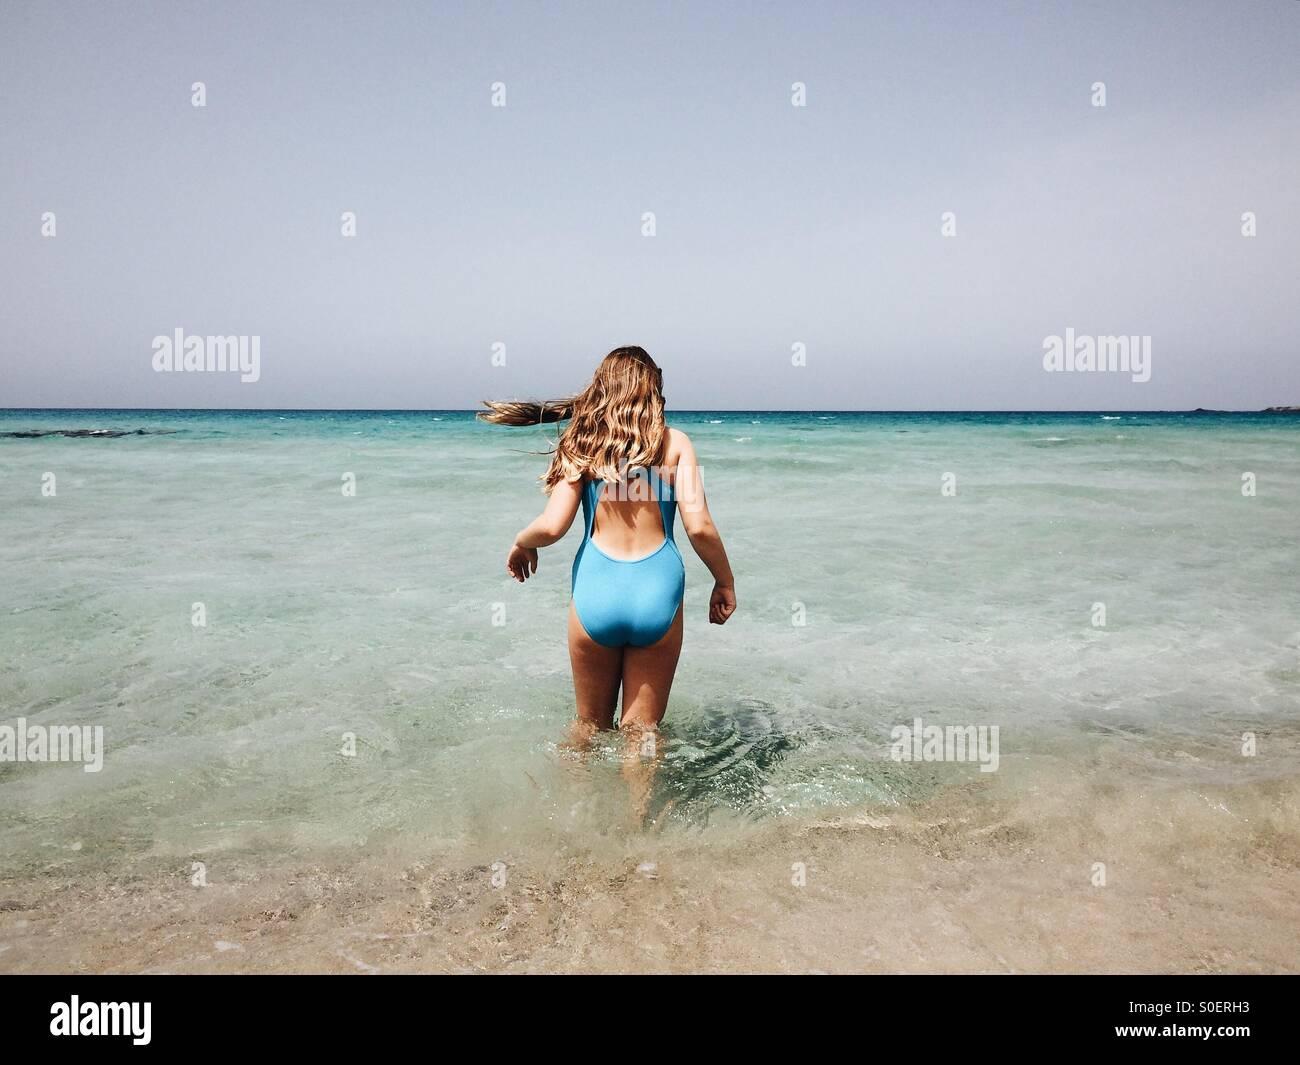 Chica, remando, Creta, Grecia Imagen De Stock